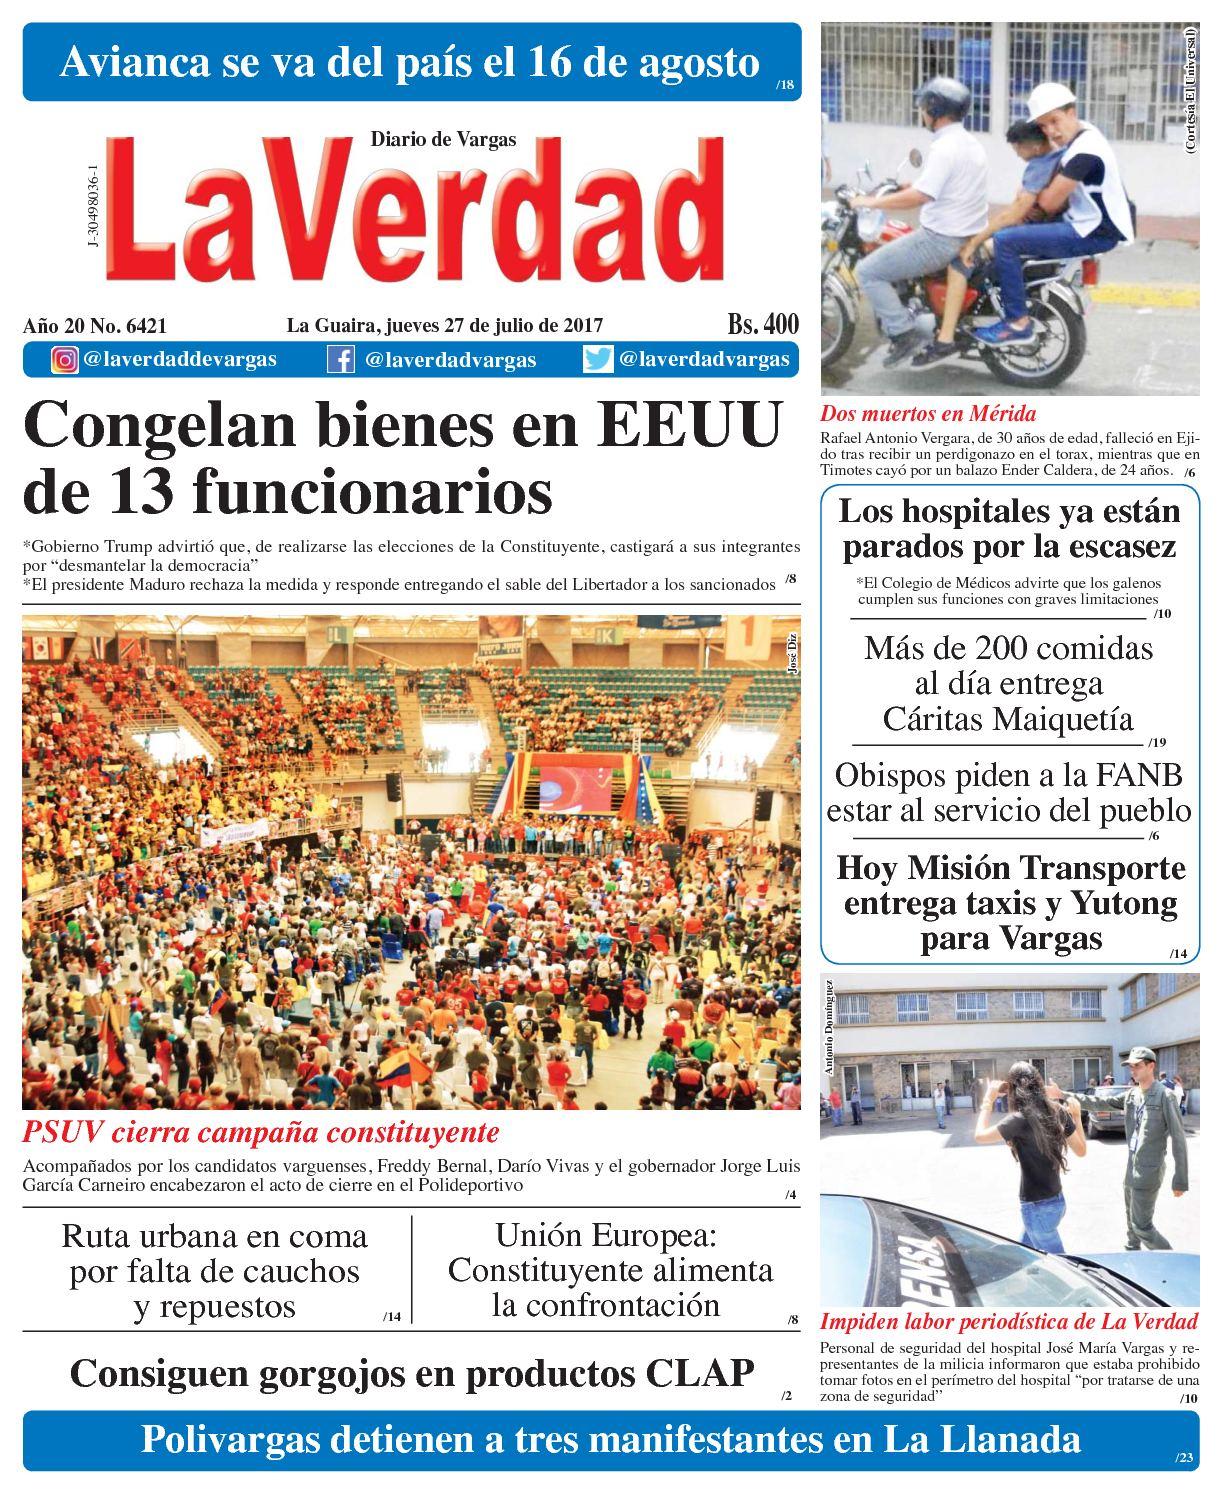 La Guaira, jueves 27 de julio de 2017 Año 20 No. 6421